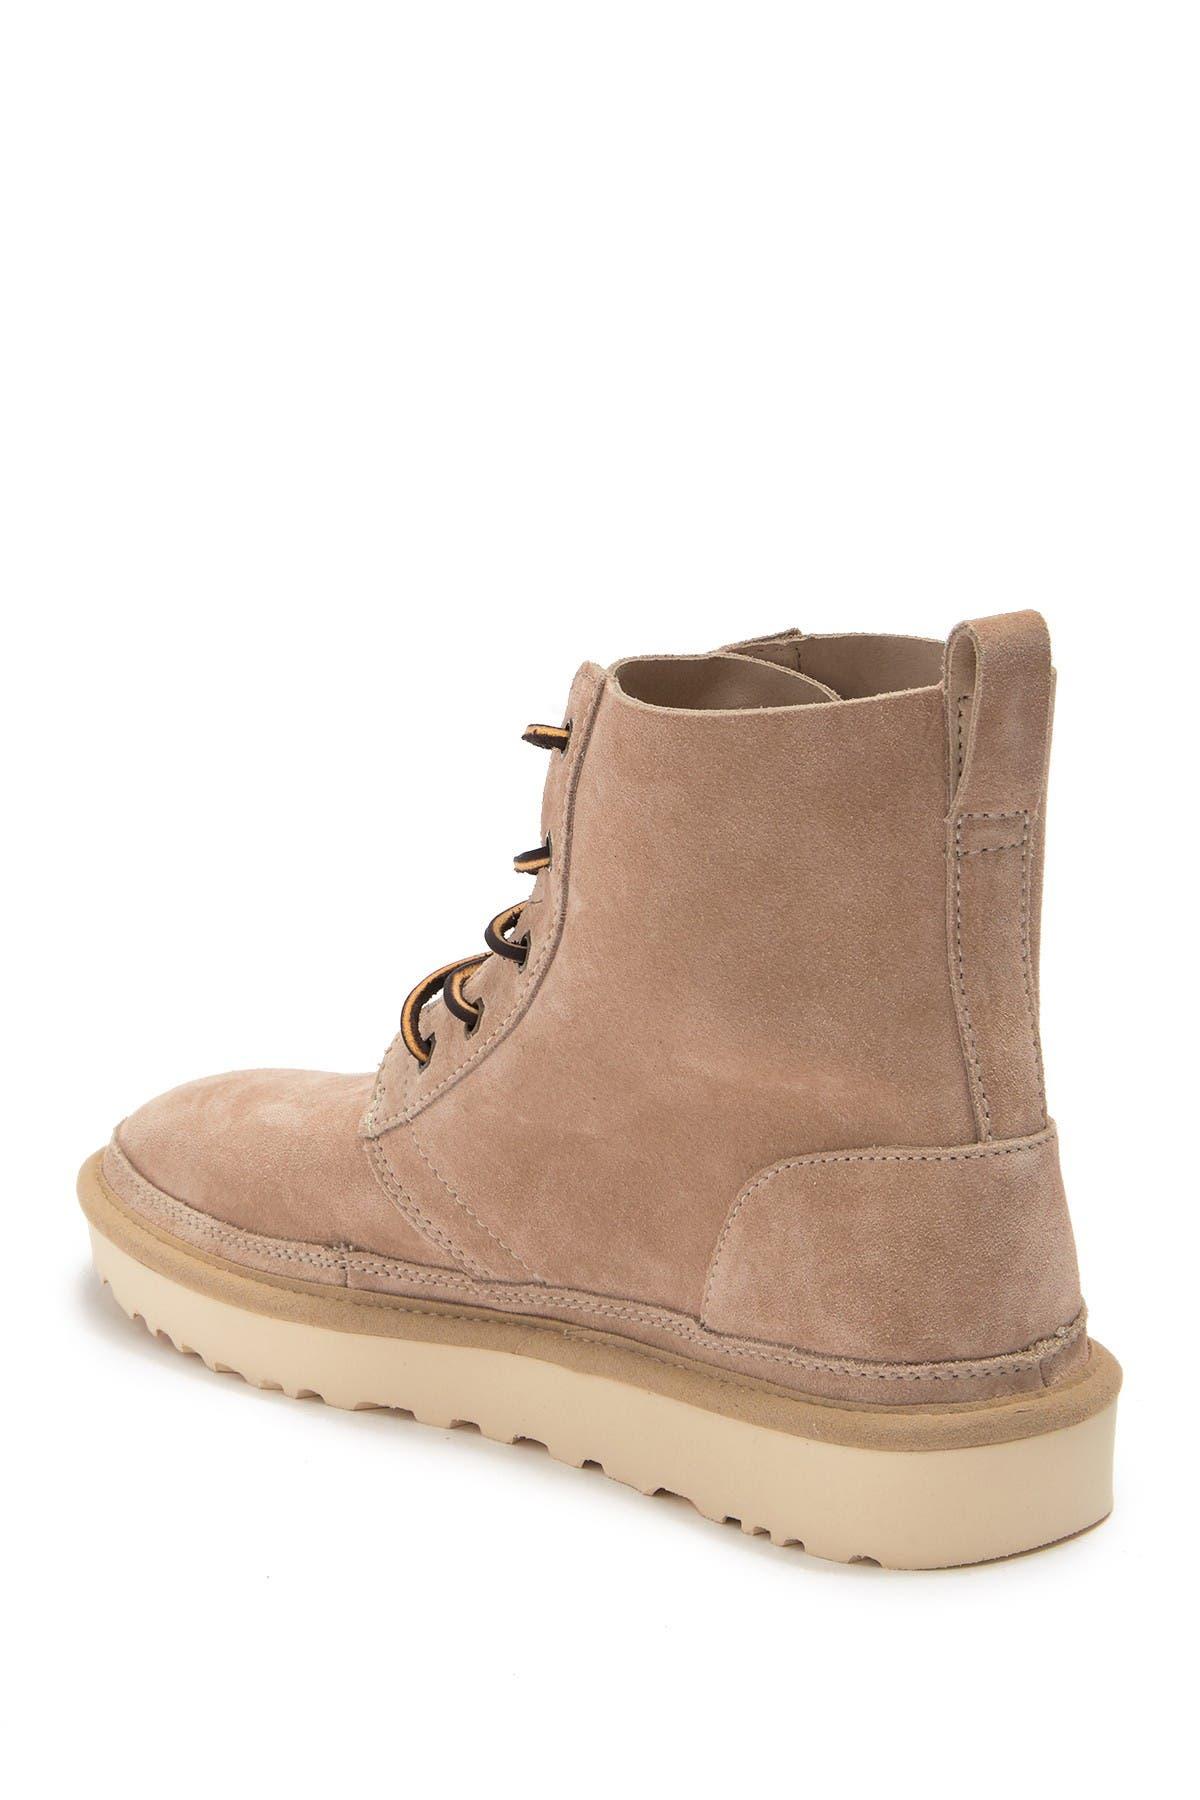 UGG | Harkley Pinnacle Leather Boot